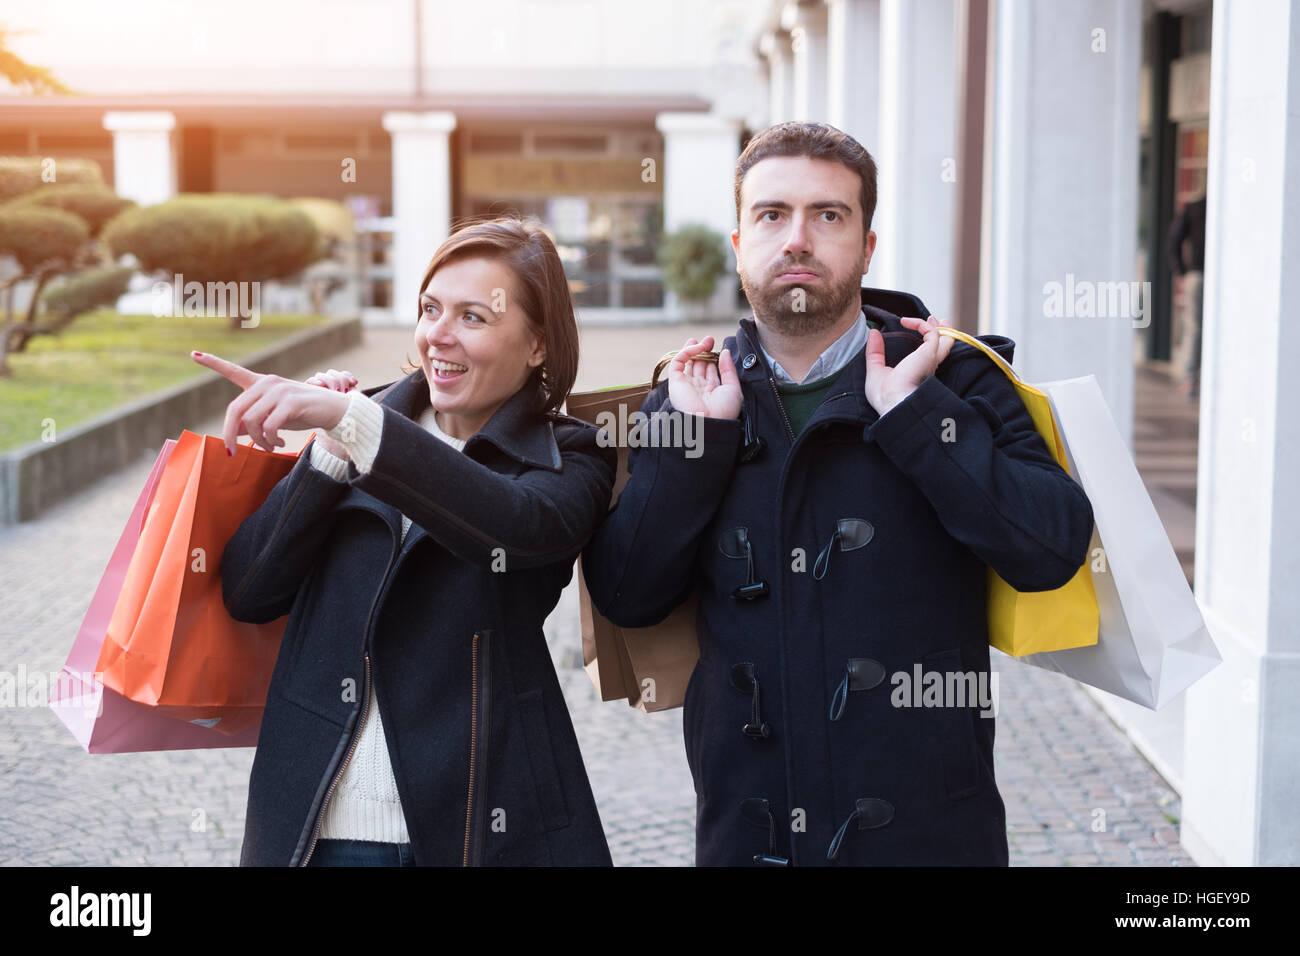 Mann sehr gelangweilt von der Kaufsucht seiner Freundin Stockfoto